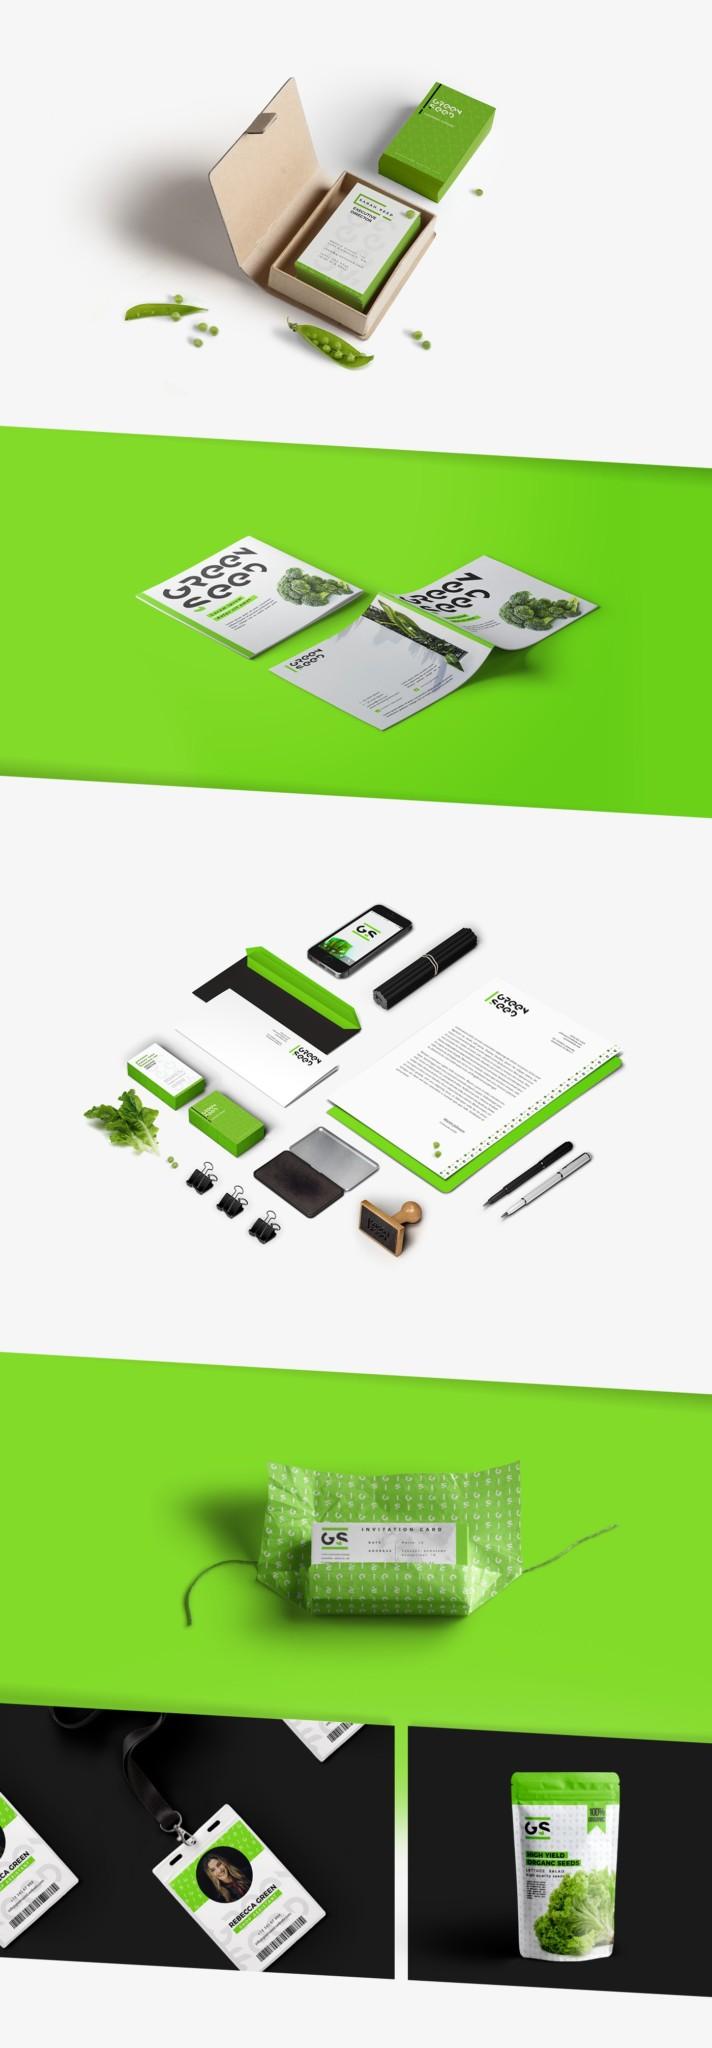 ブランドのアイテムデザイン